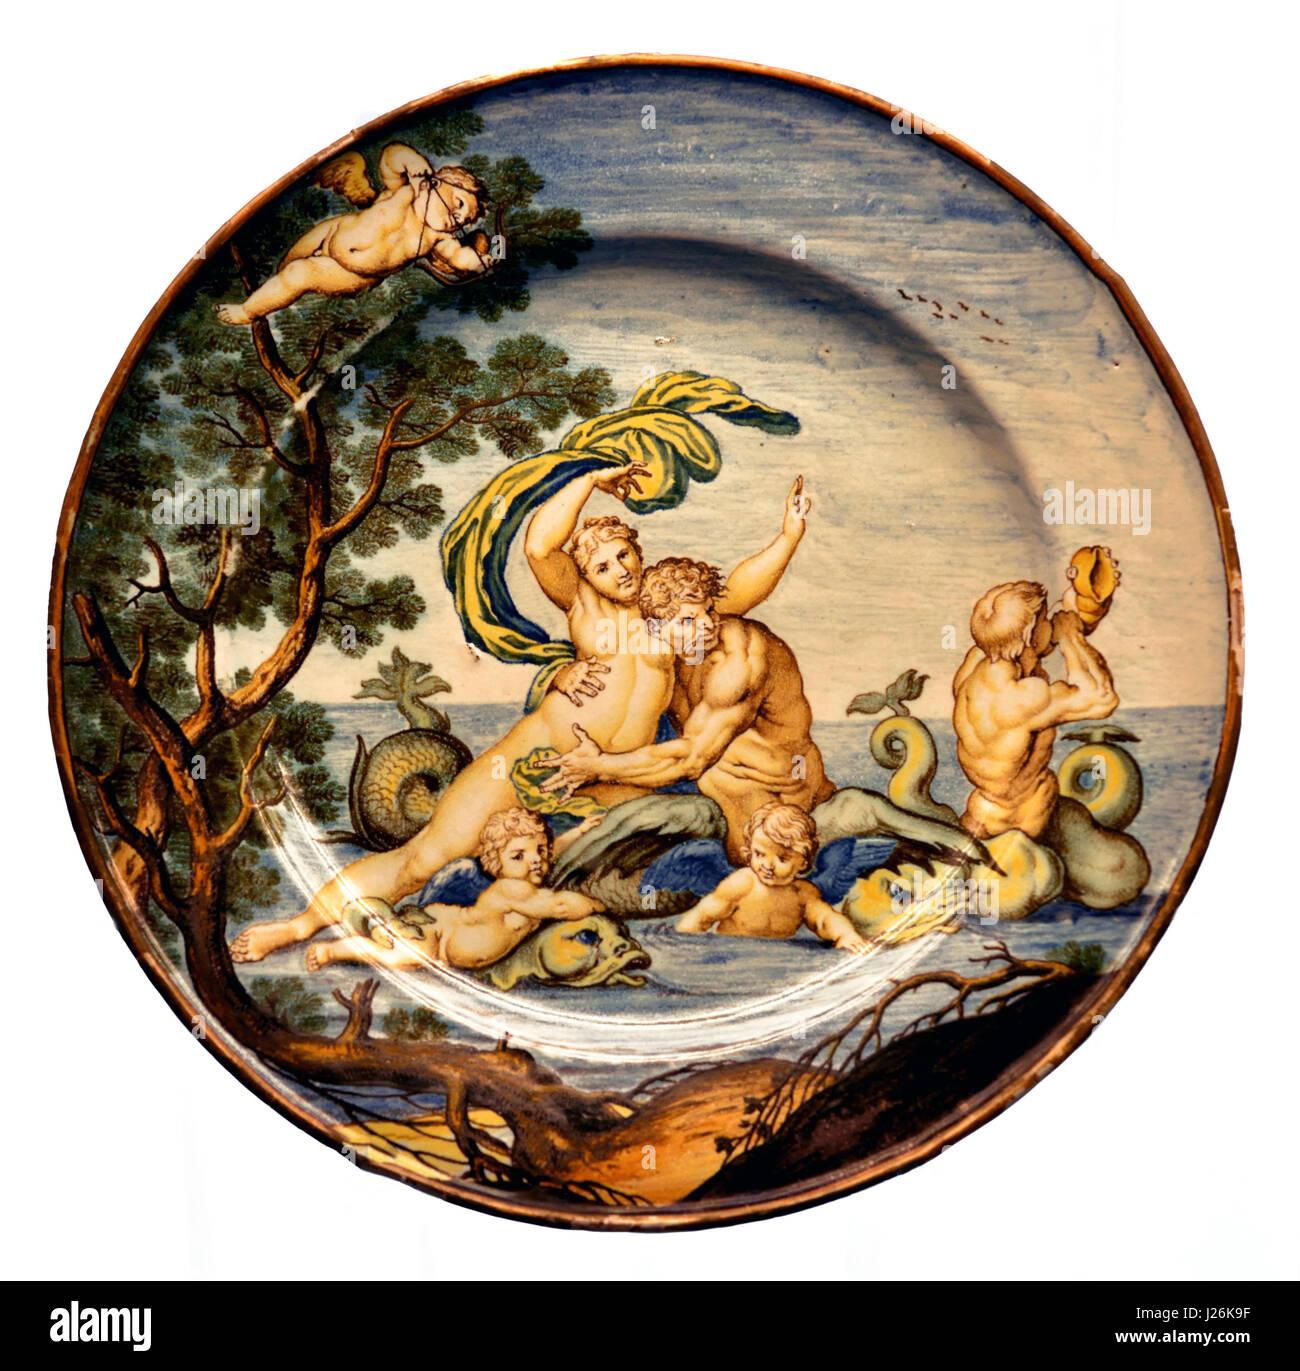 Glaucus et scylla ( la mythologie grecque ) plaque avec des figures mythologiques 1740 par Ferdinando Maria Campani Photo Stock